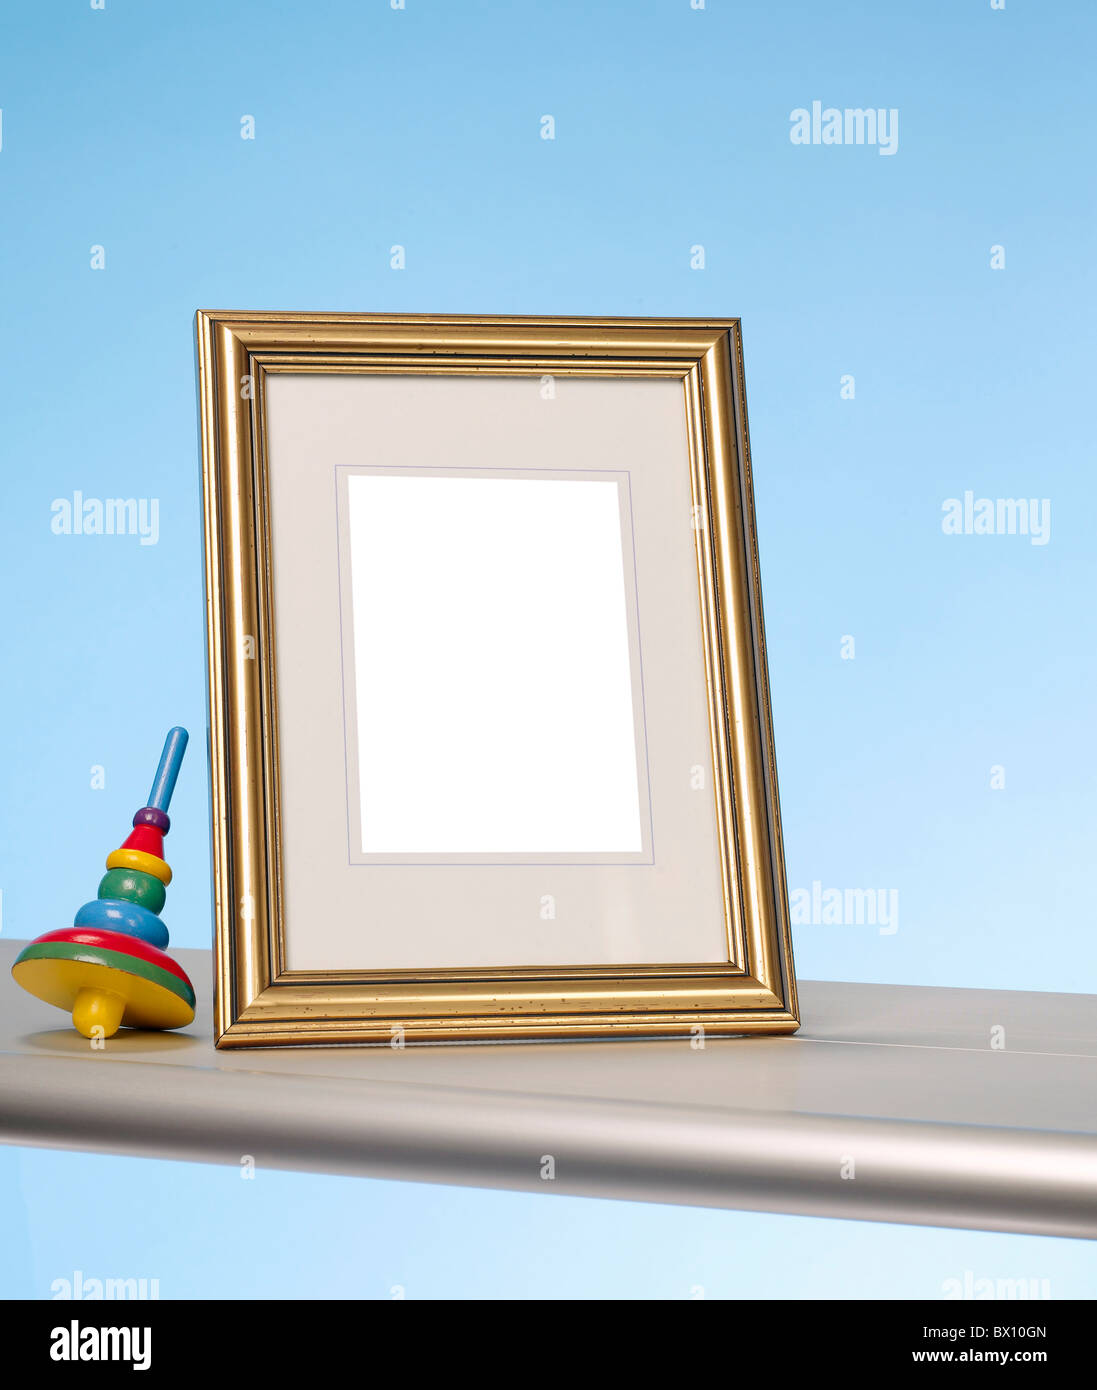 Digitaler Bilderrahmen Stockbild